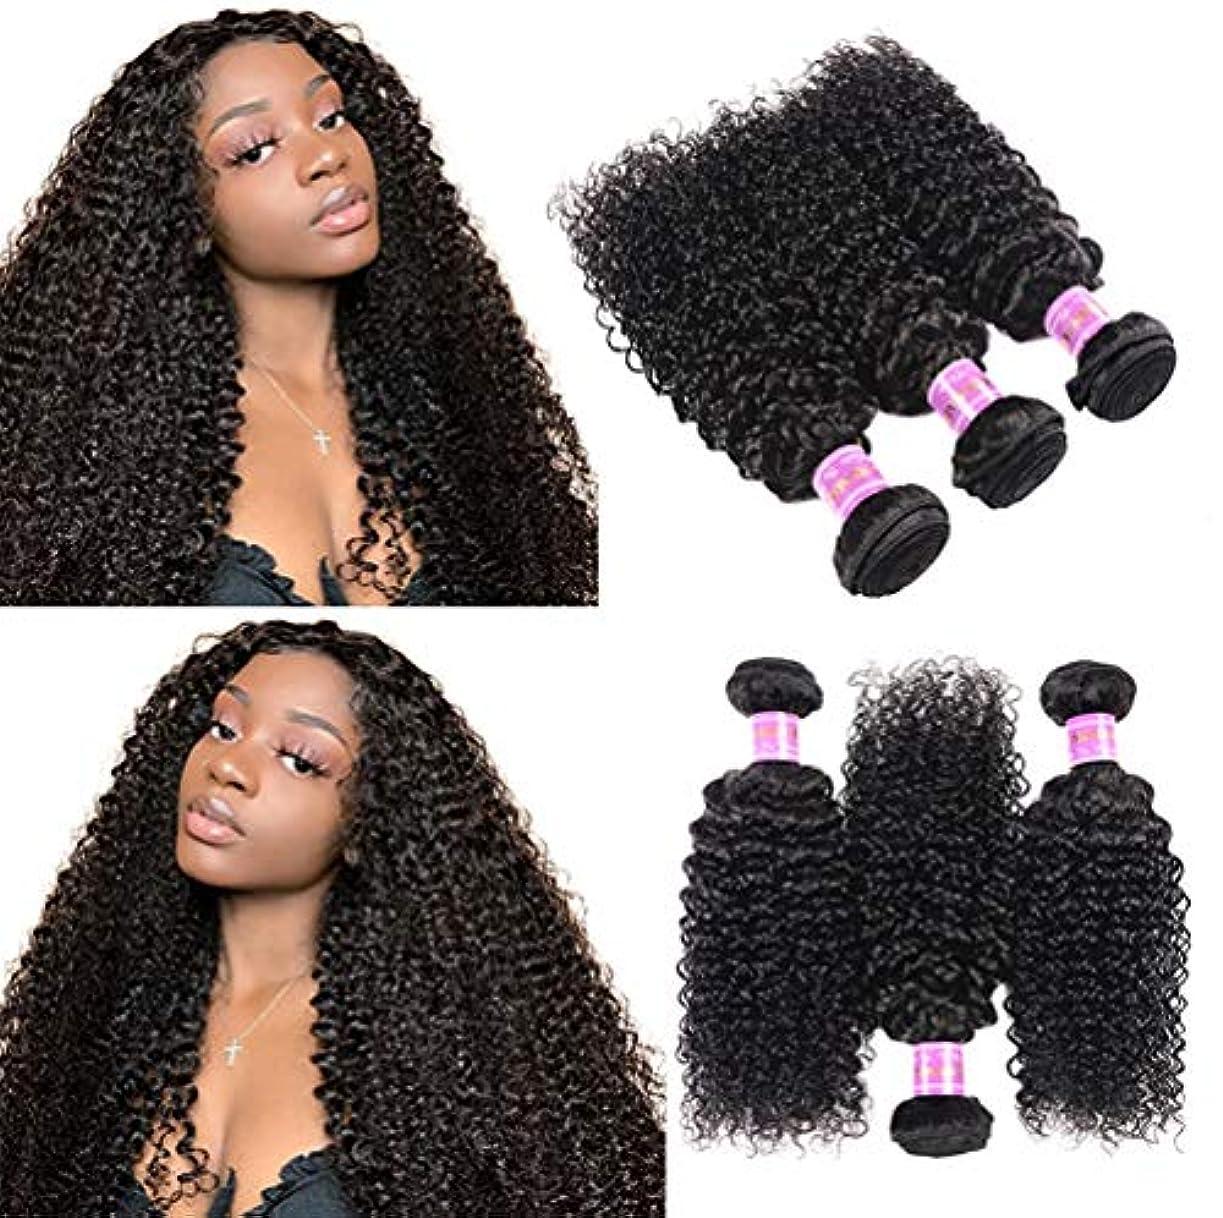 カフェテリア癒すビヨン女性ブラジルのボディウェーブの毛の束ブラジルのボディウェーブバージンの毛100%未処理の二重よこ糸の人間の毛髪延長(3束)